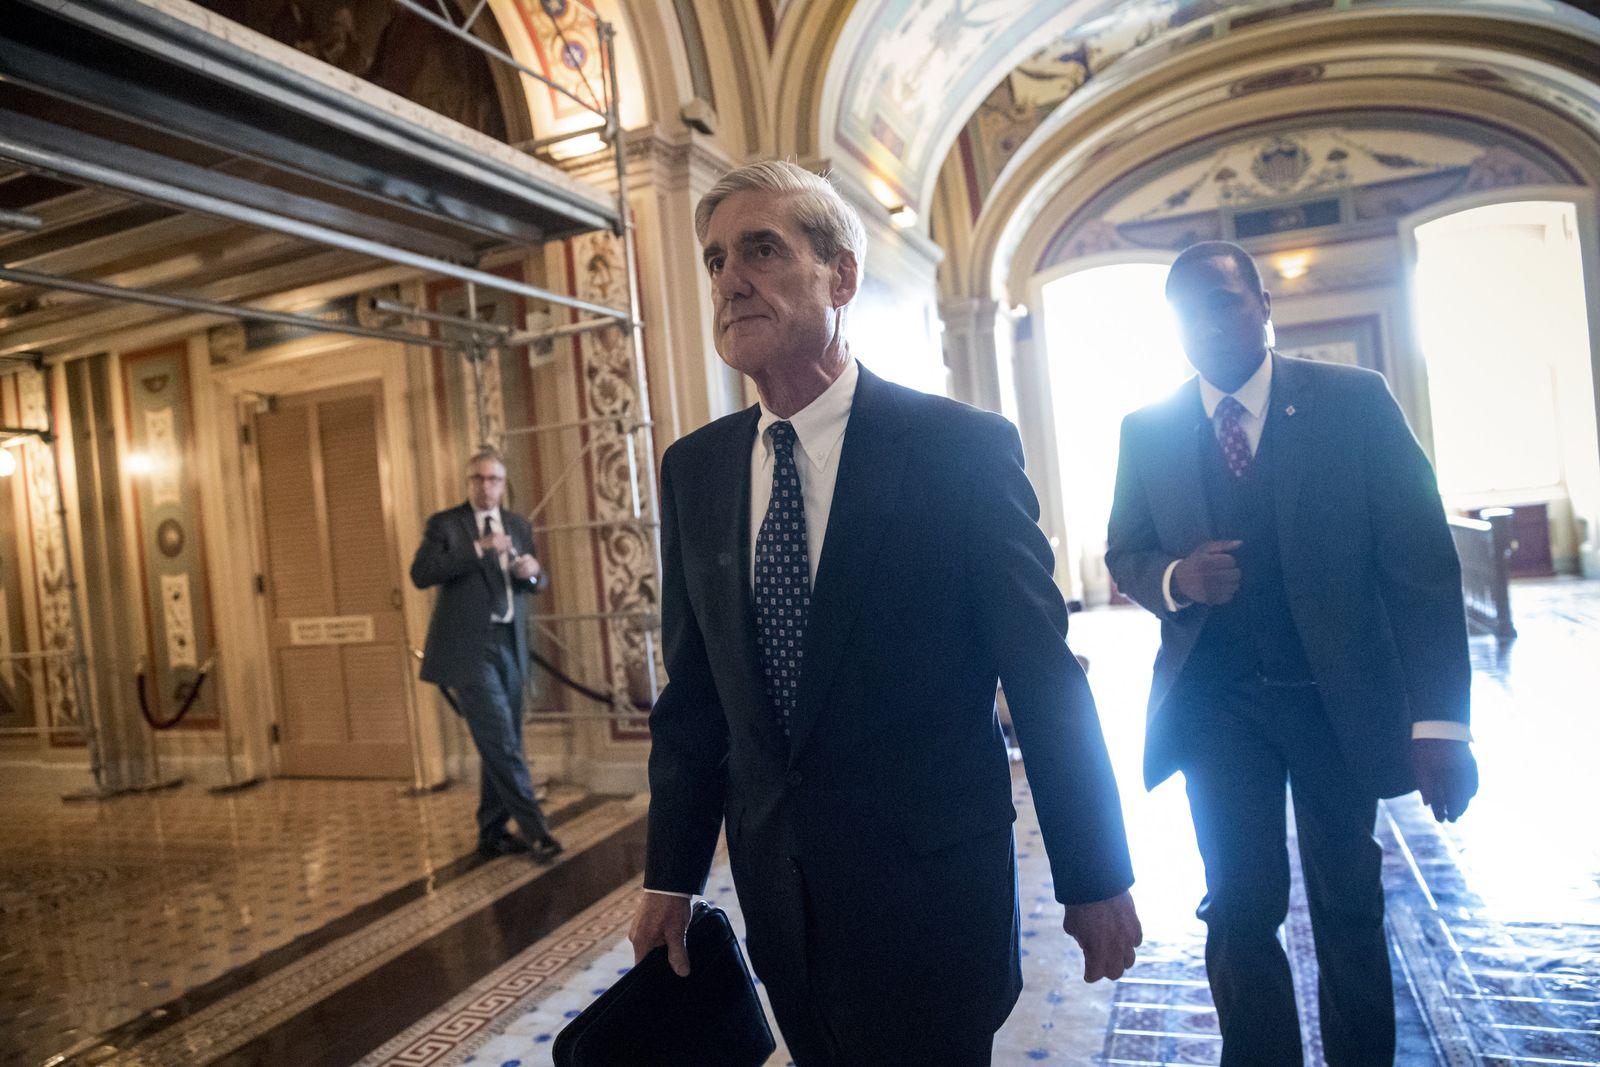 Trump/ EinJahrImAmt/ Robert Mueller